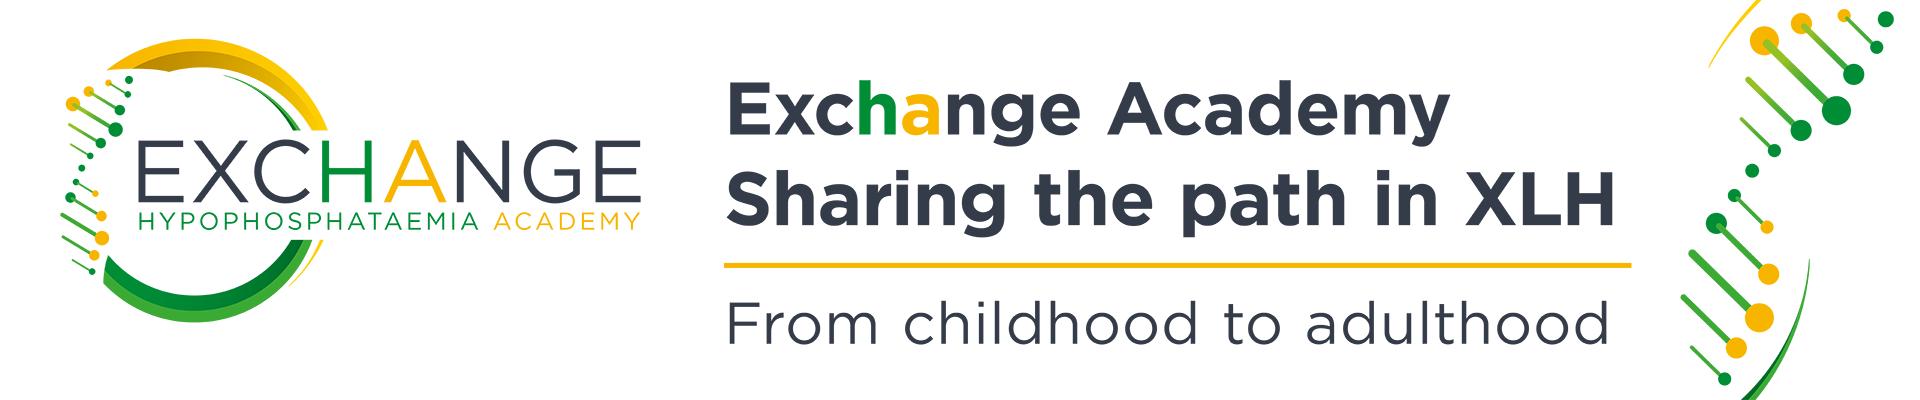 Exchange Academy Amsterdam